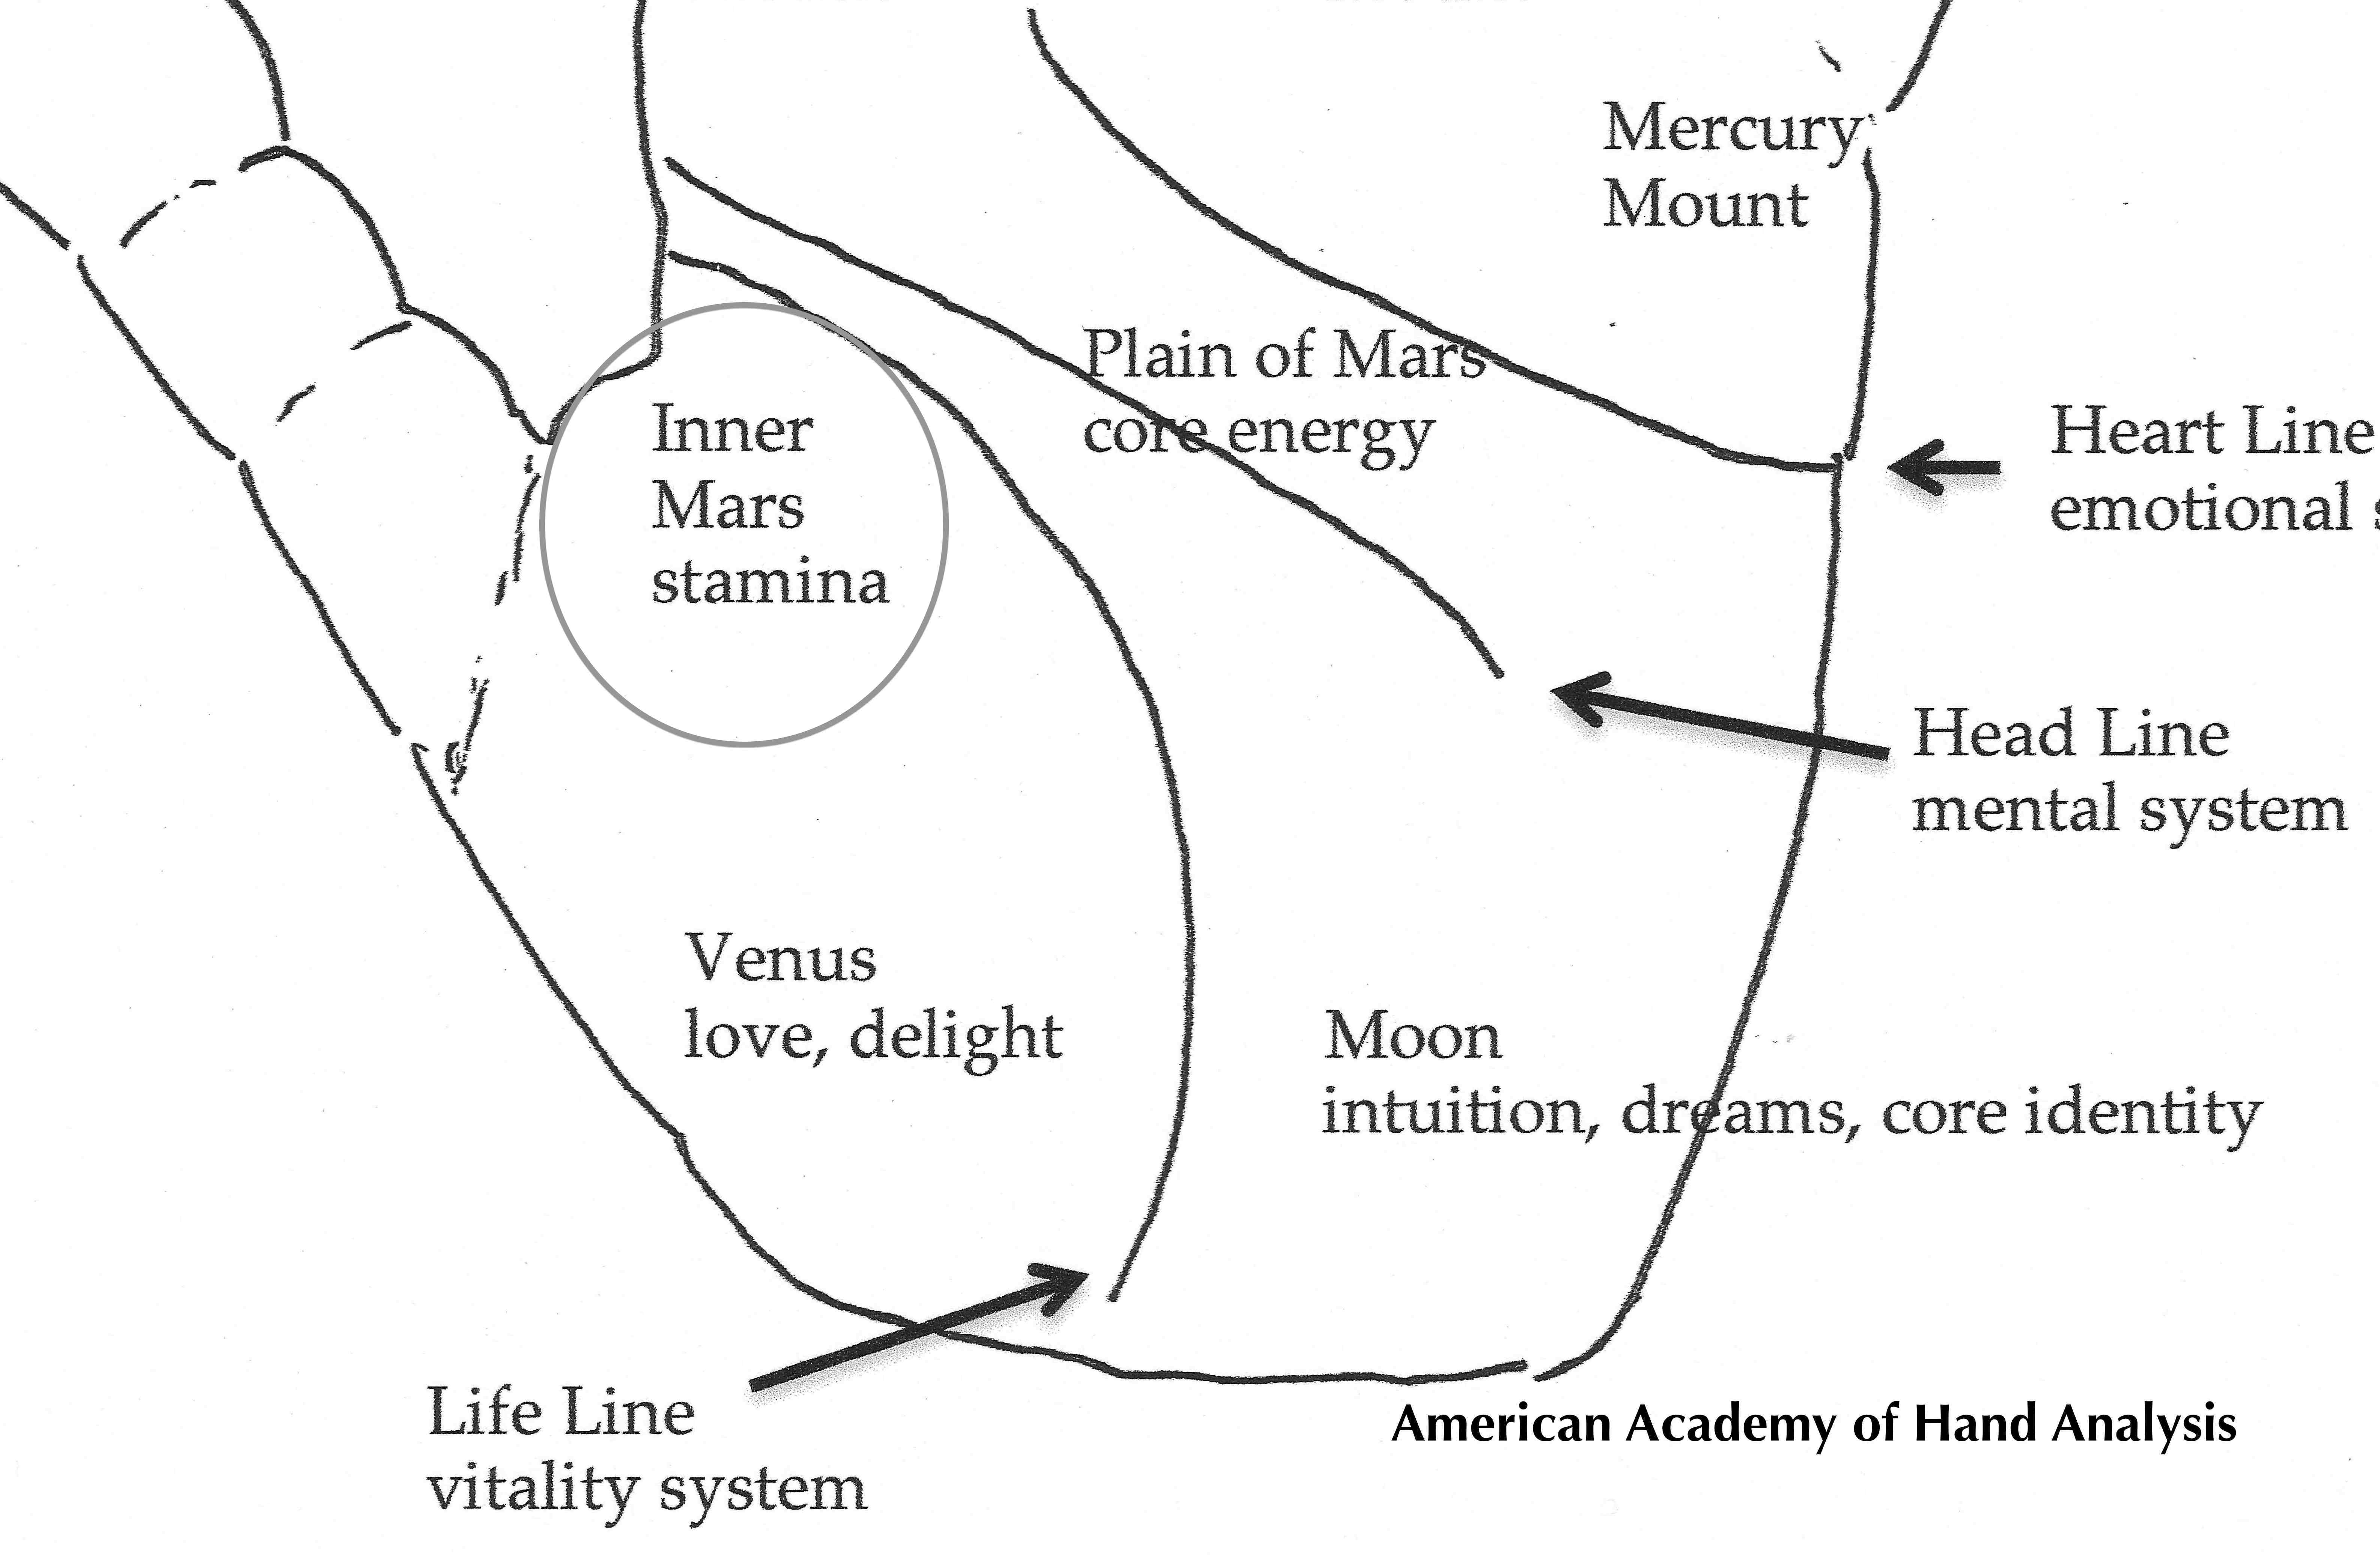 Mars Zone